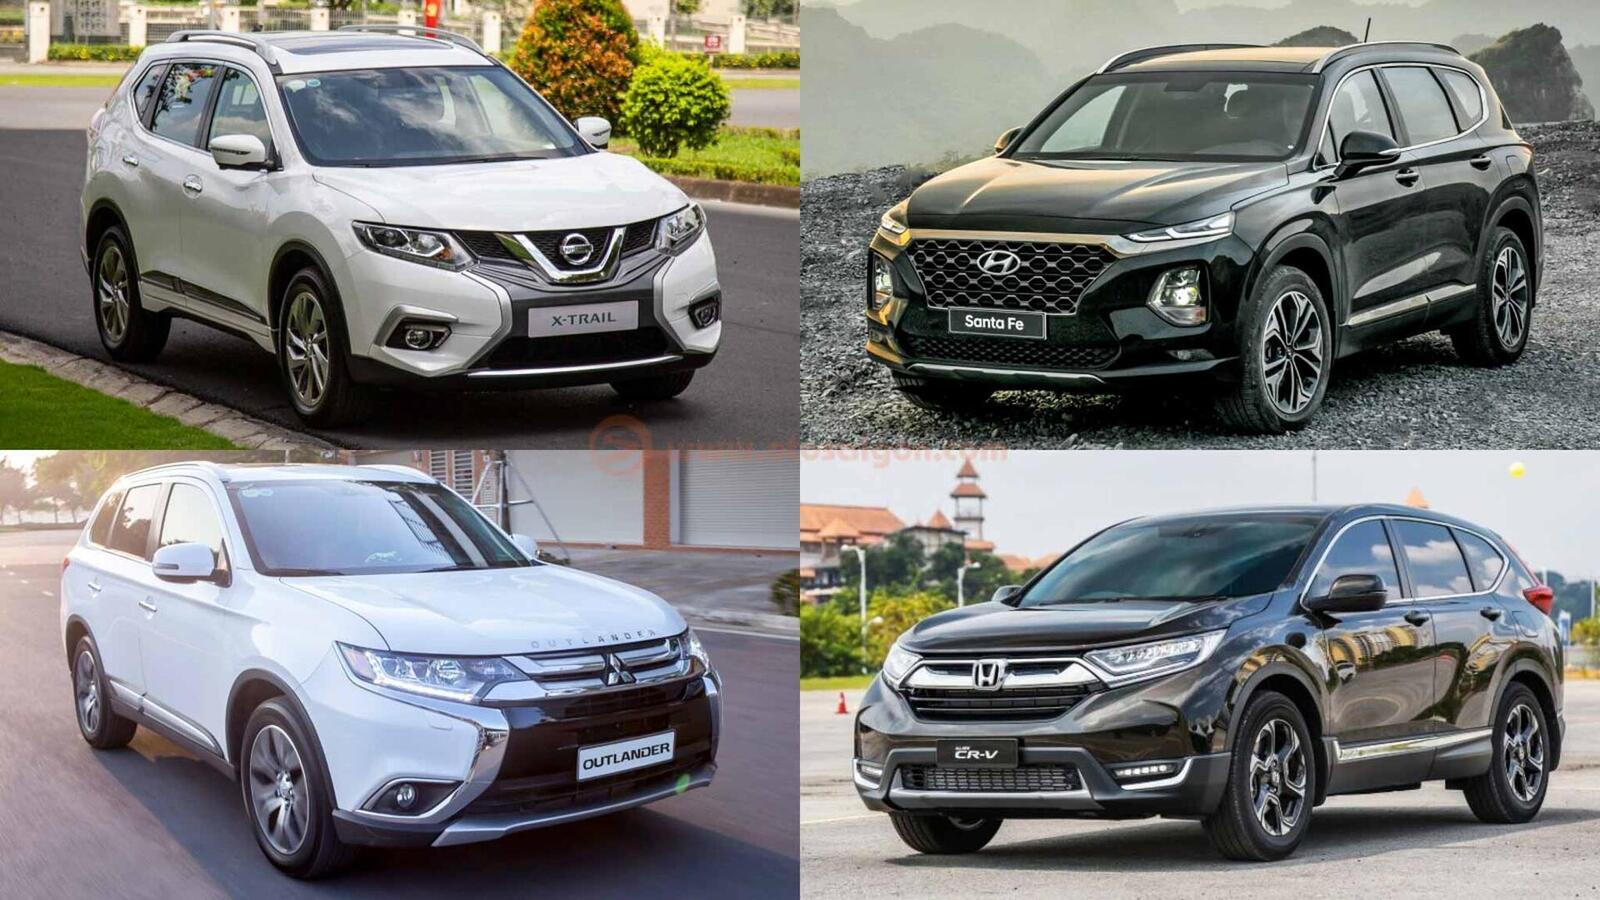 So sánh Hyundai Santa Fe 2019 với các đối thủ trong phân khúc SUV - Hình 1